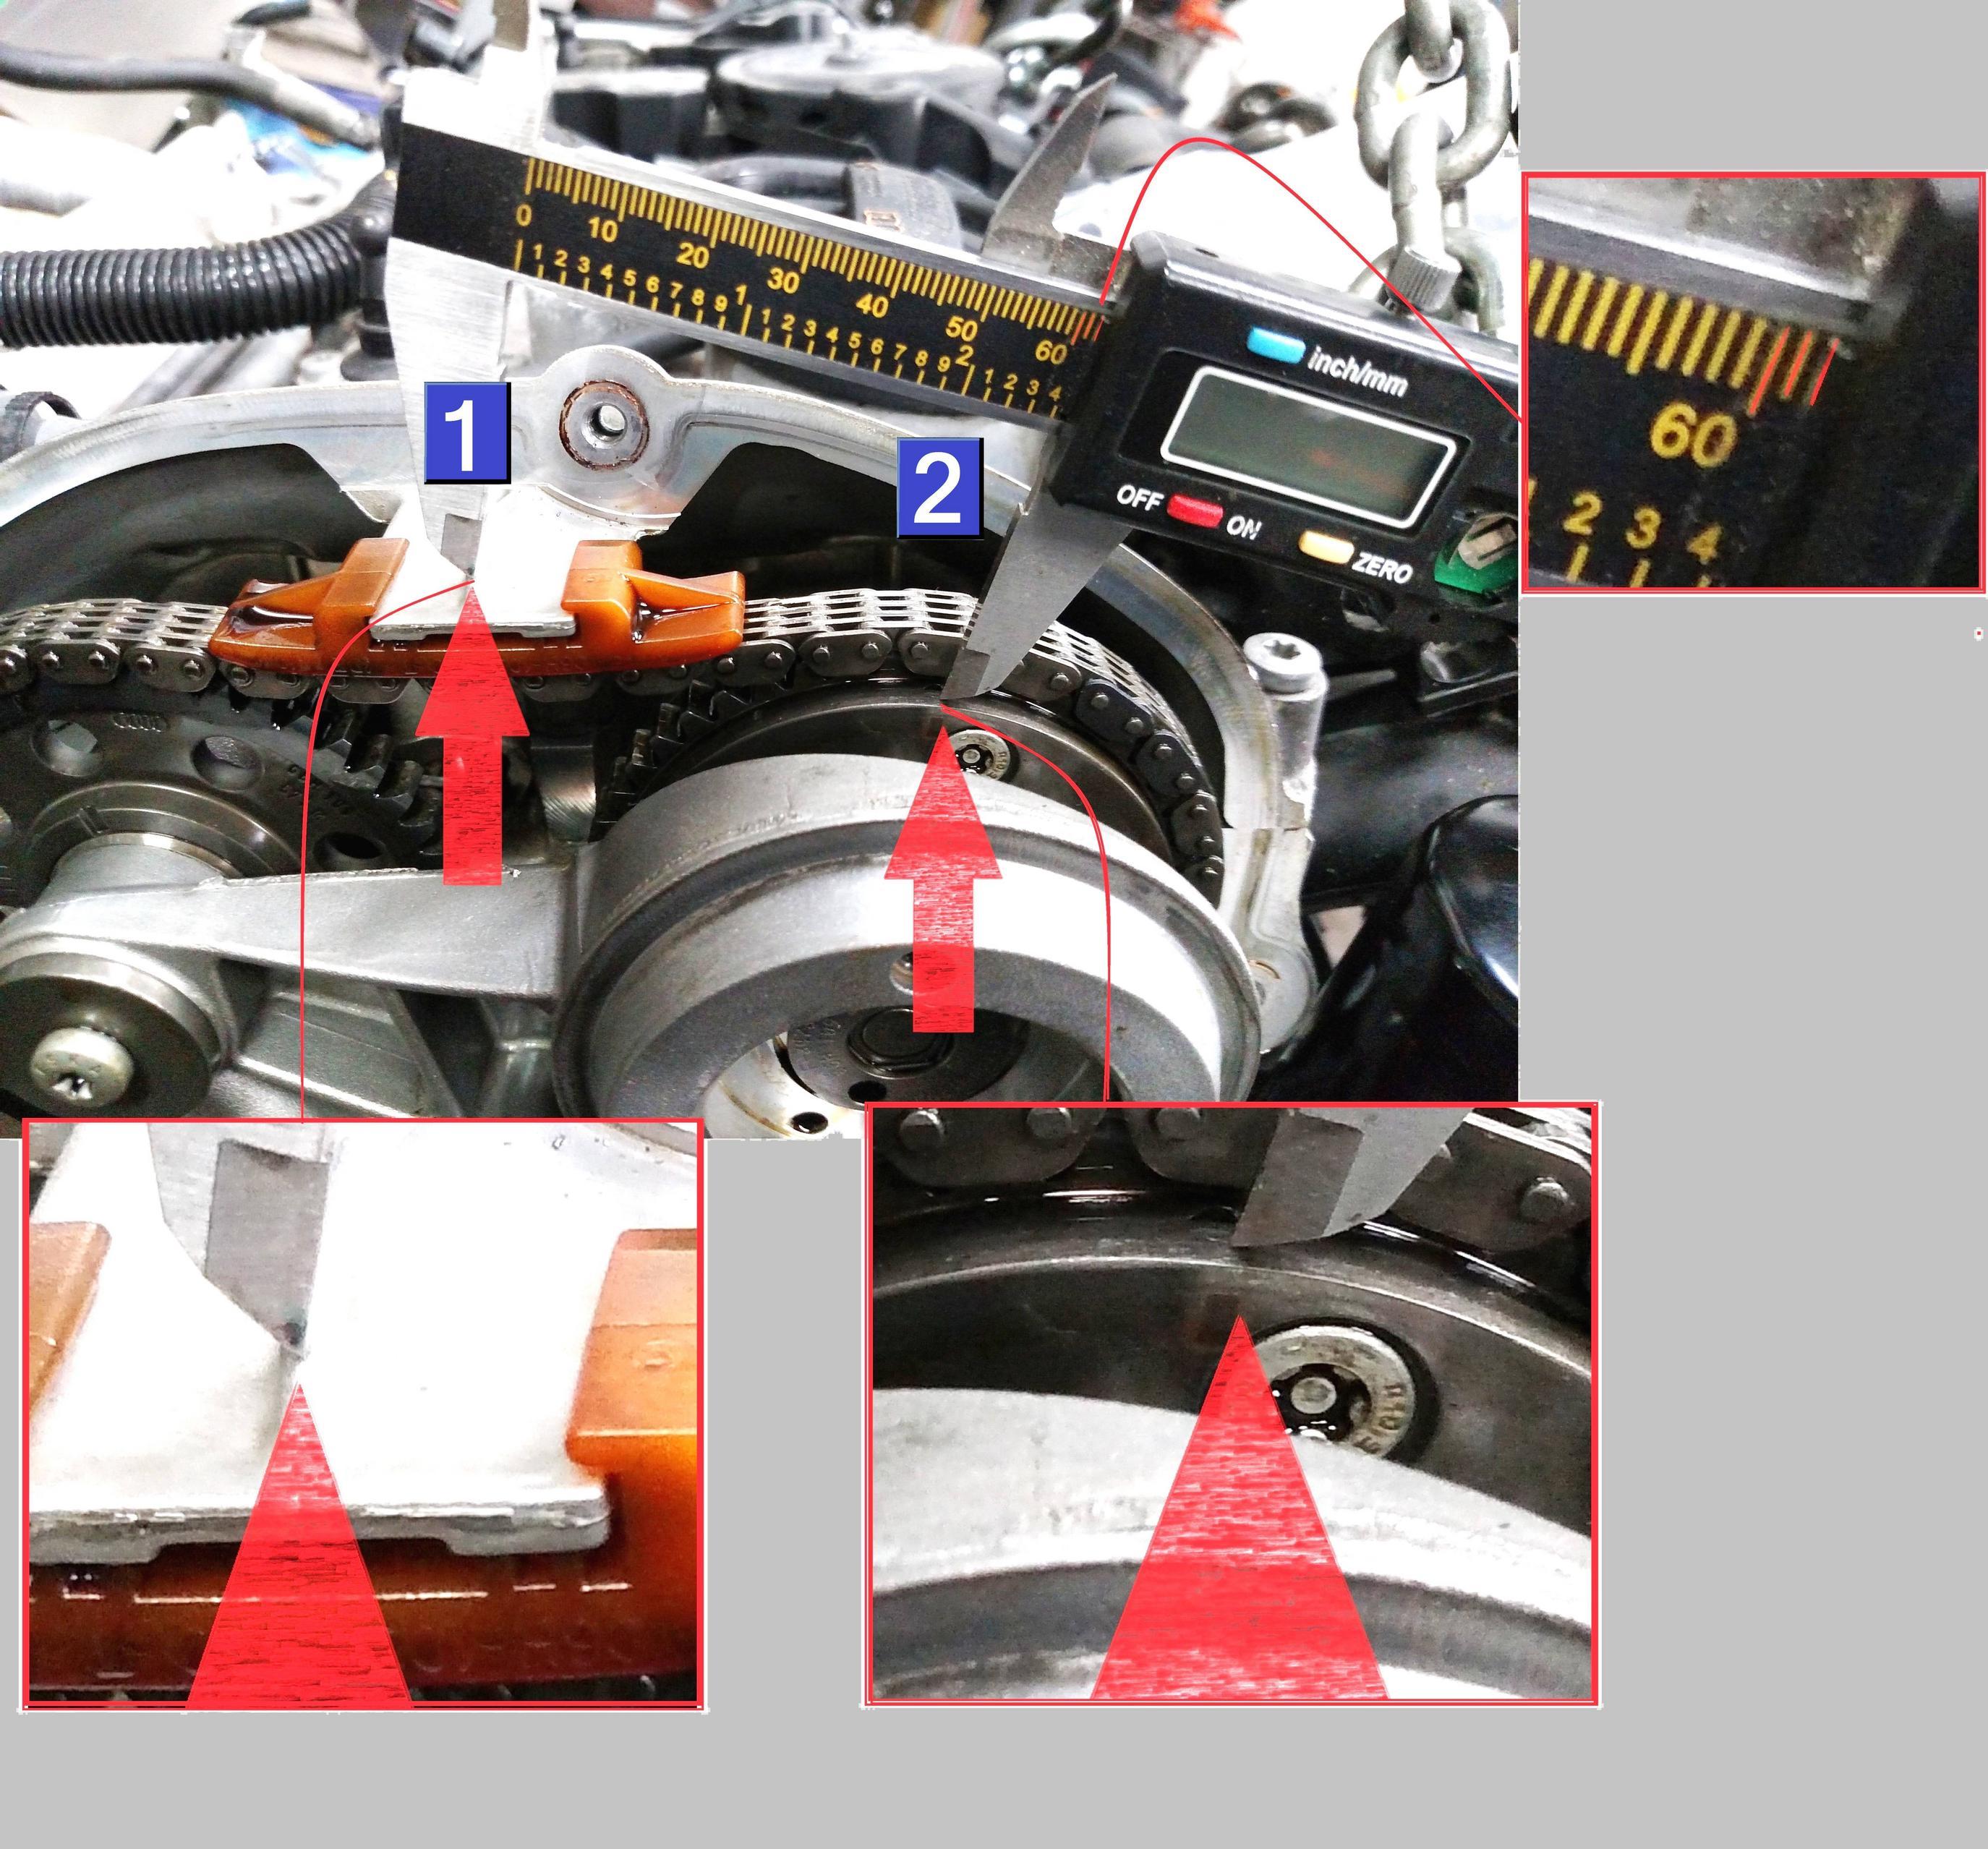 09 jetta engine diagram audi q5 engine diagram wiring diagram data  audi q5 engine diagram wiring diagram